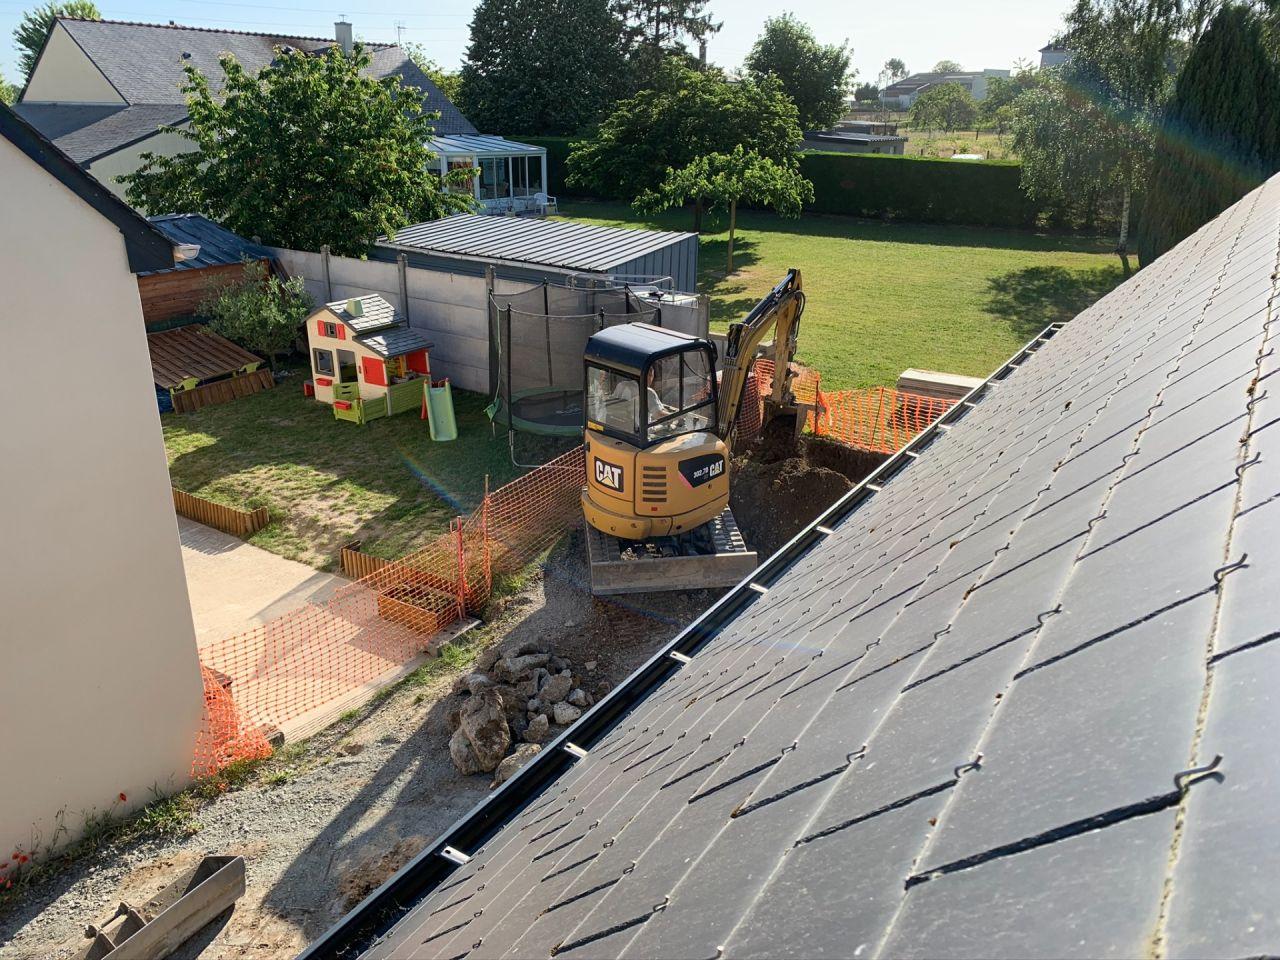 Début du terrassement pour creuser les fouilles côté garage.